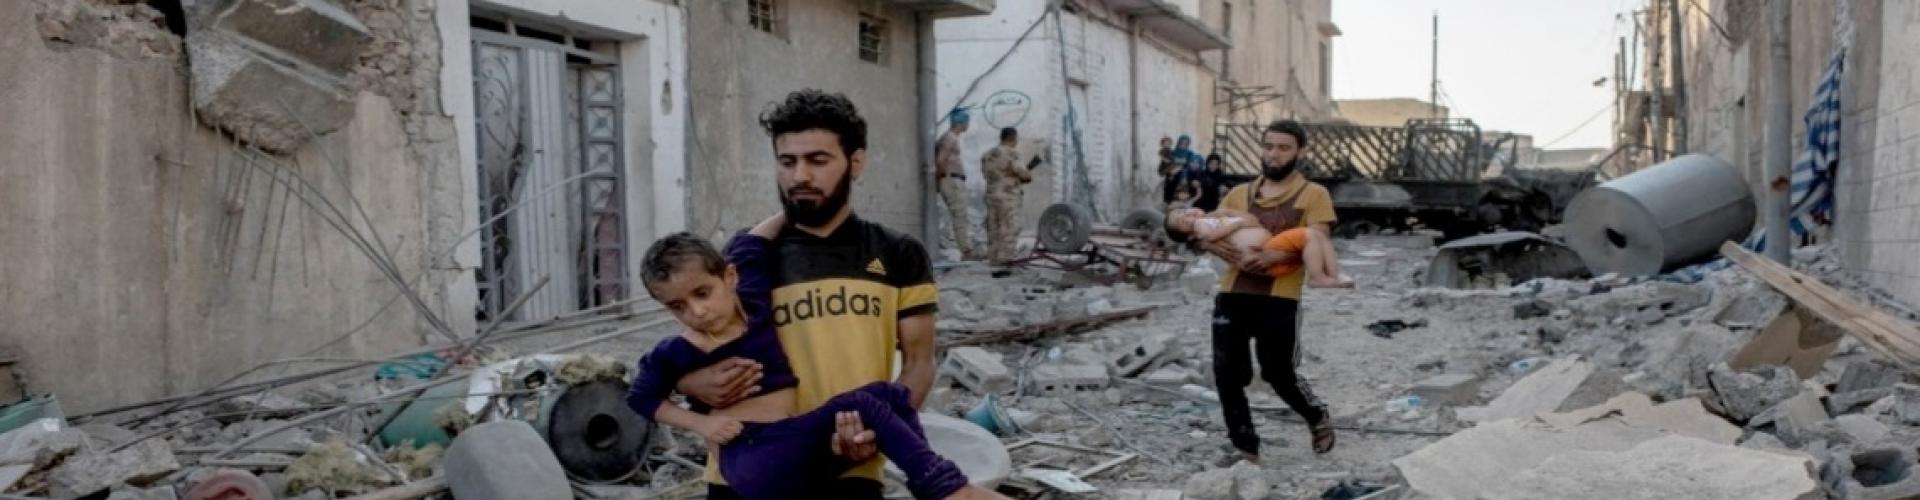 การต่อสู้ในเมืองโมซุลทำให้ประชาชนต้องเผชิญกับความโหดร้ายและความหิวโหย